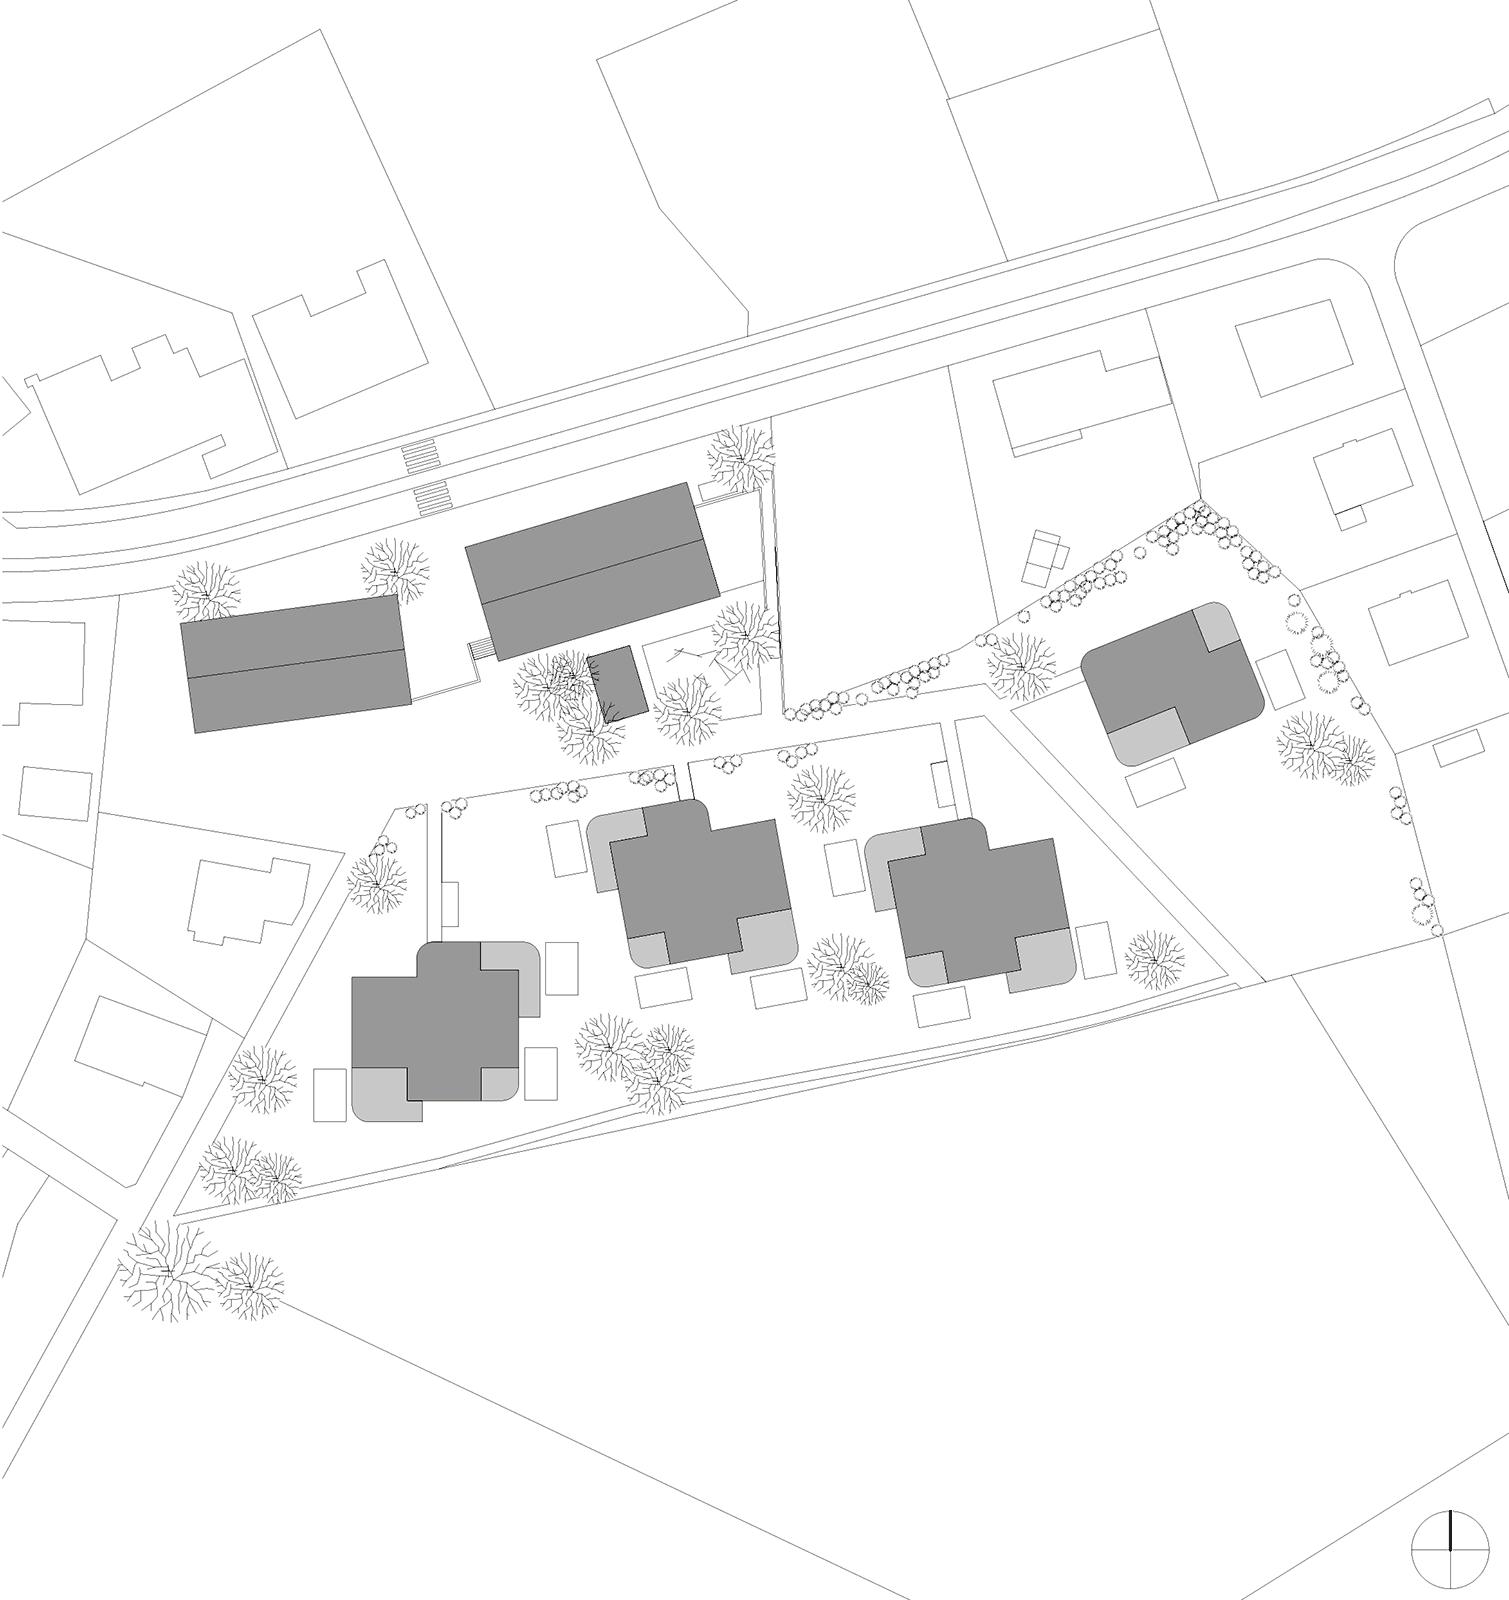 Situationsplan Neubau Wohnüberbauung Dorfzentrum Orpund Gottstatt